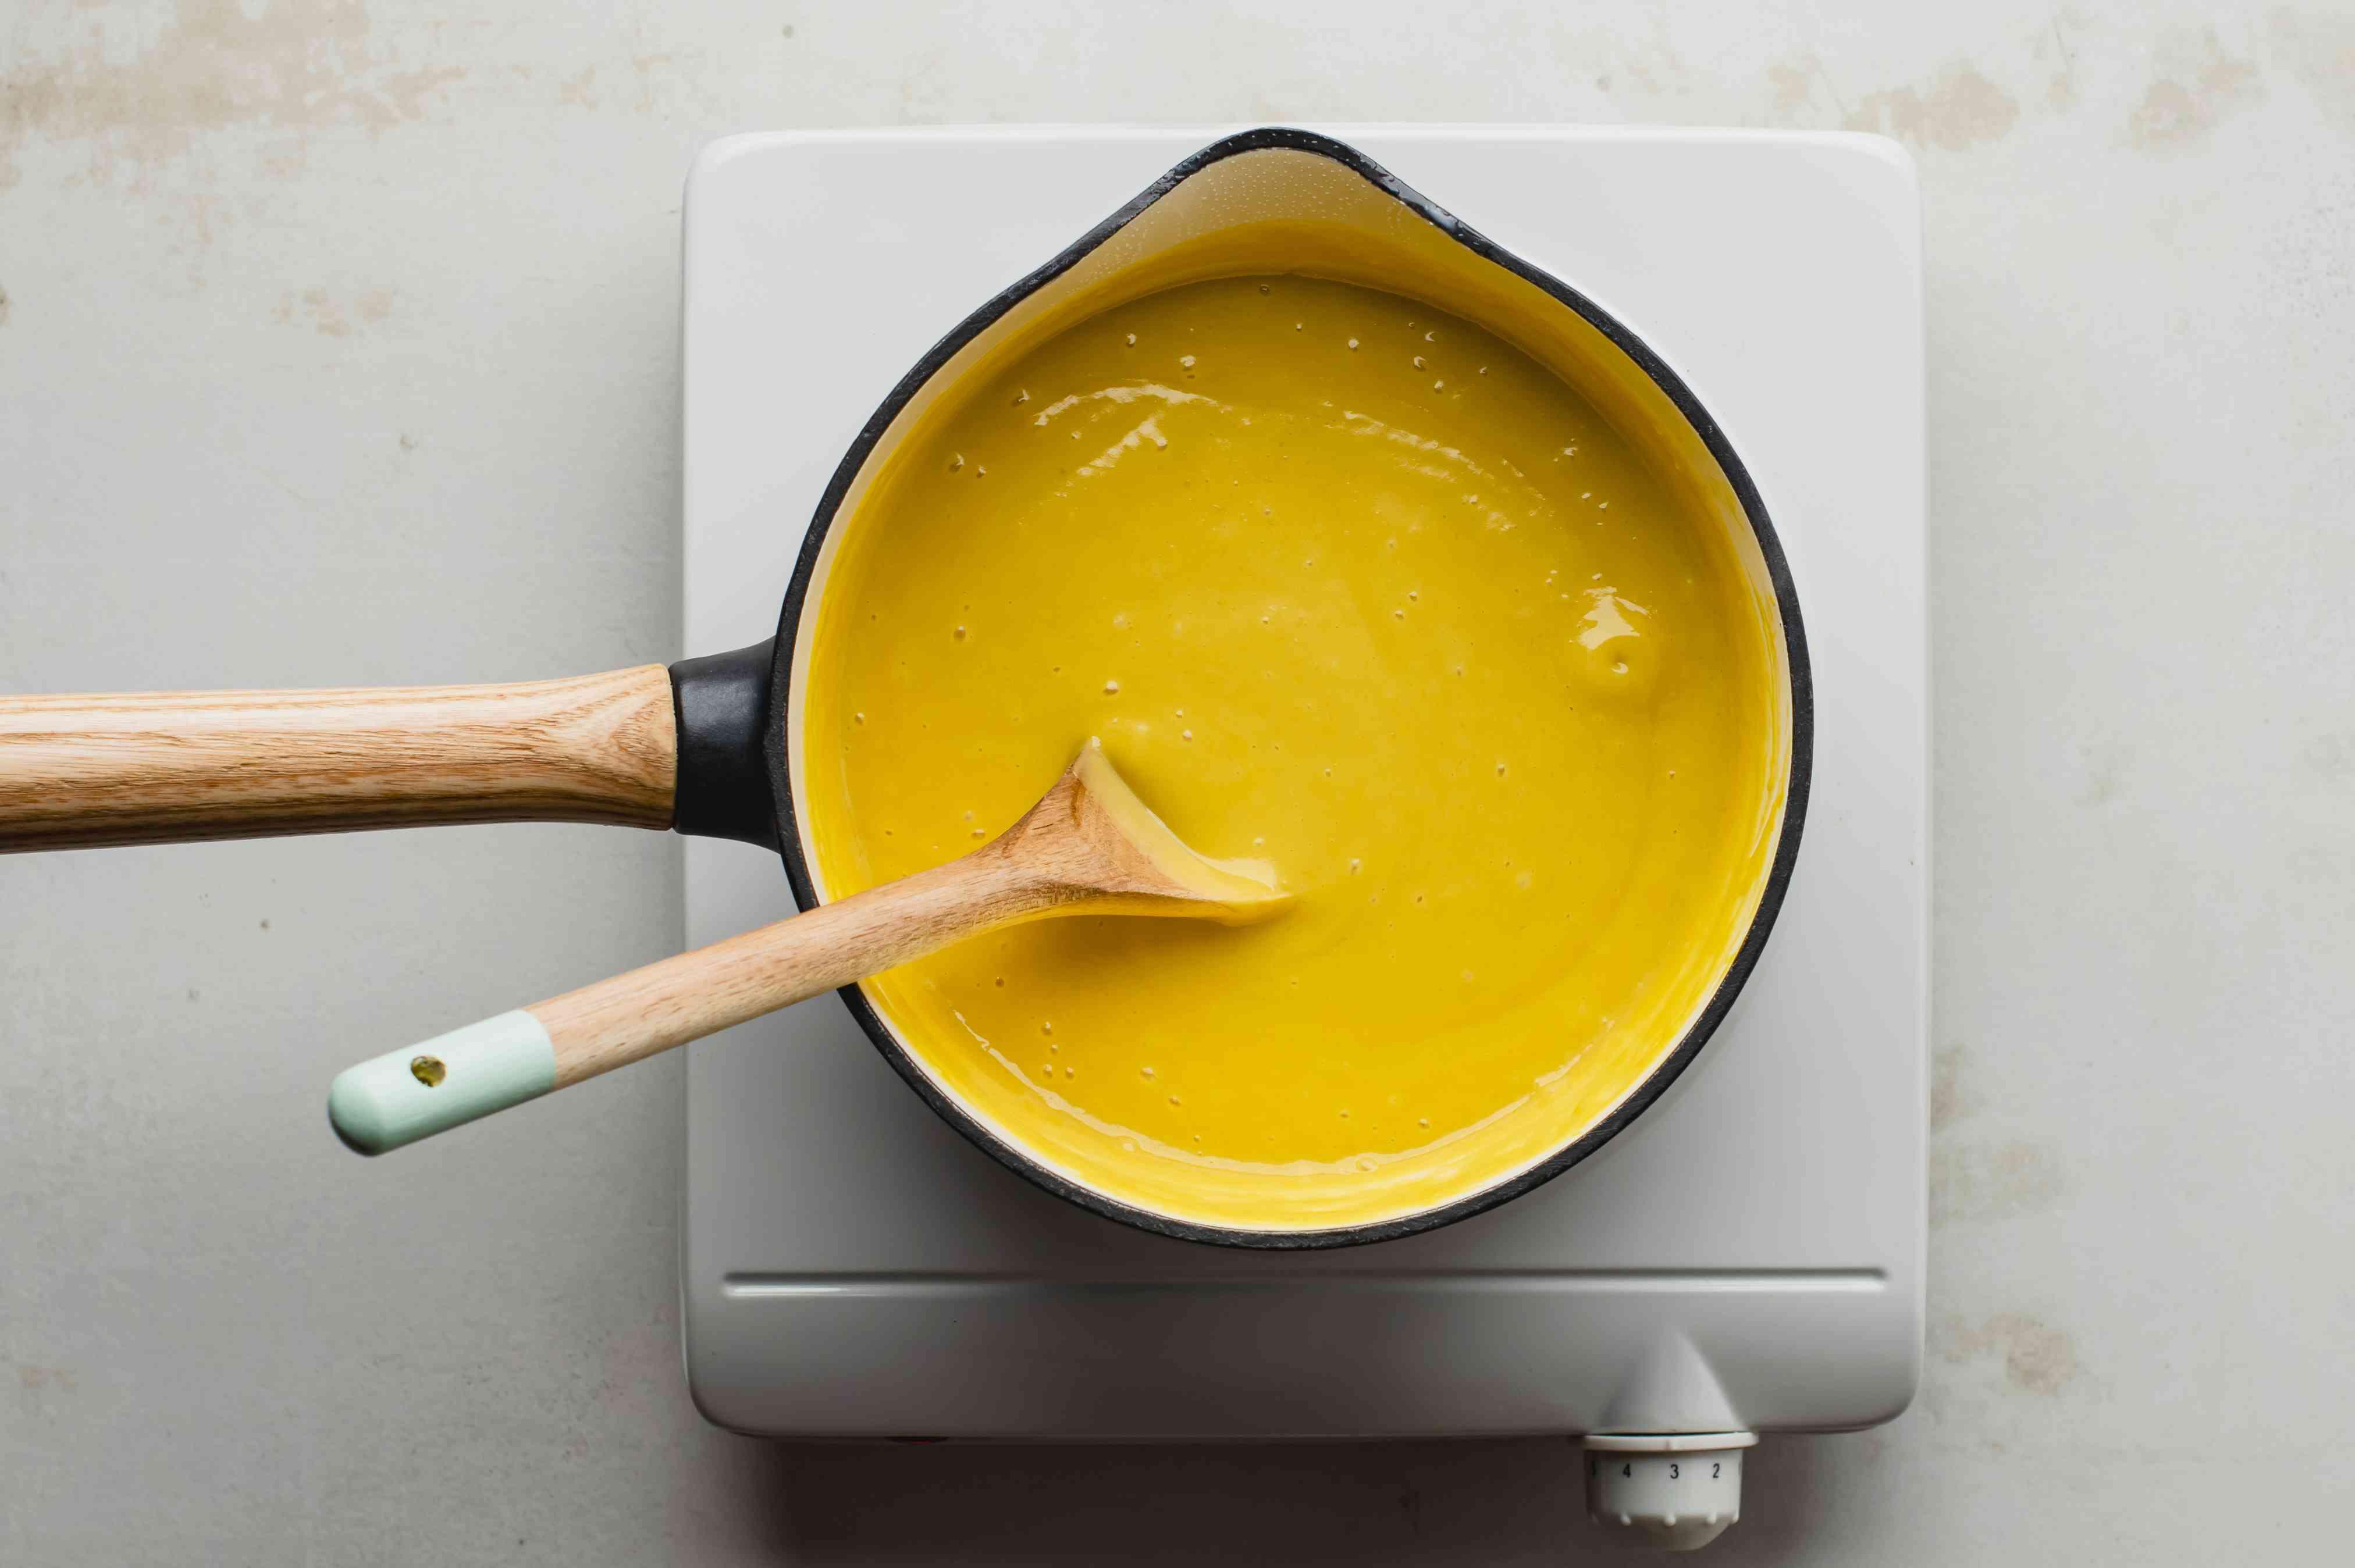 Pour custard into pot